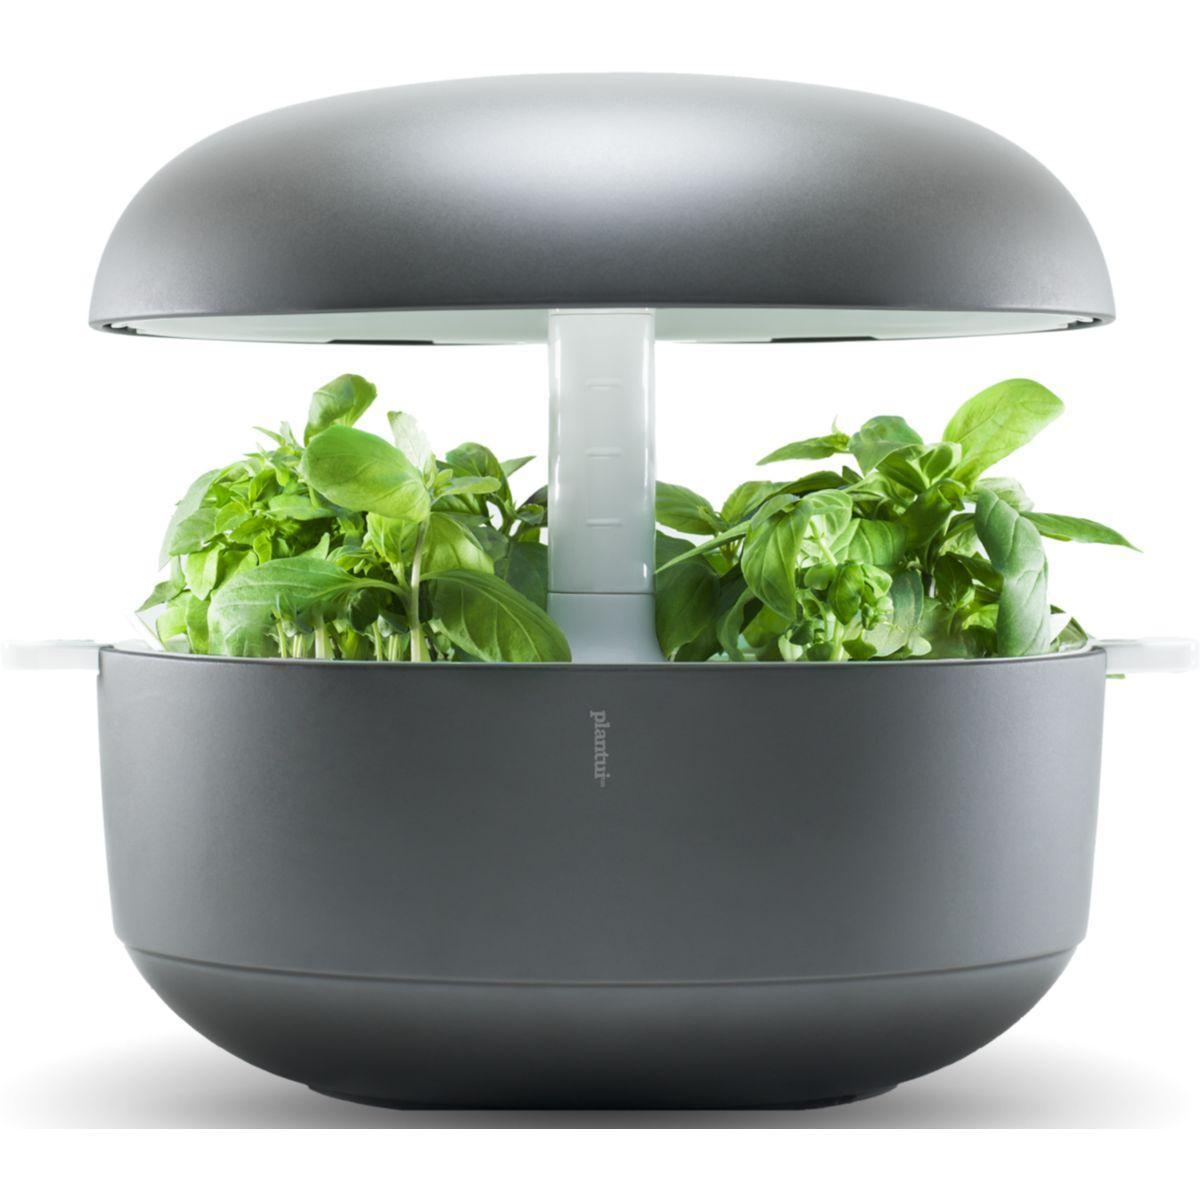 Jardin d'int�rieur plantui 6 smart garden gris - 2% de remise imm�diate avec le code : deal2 (photo)